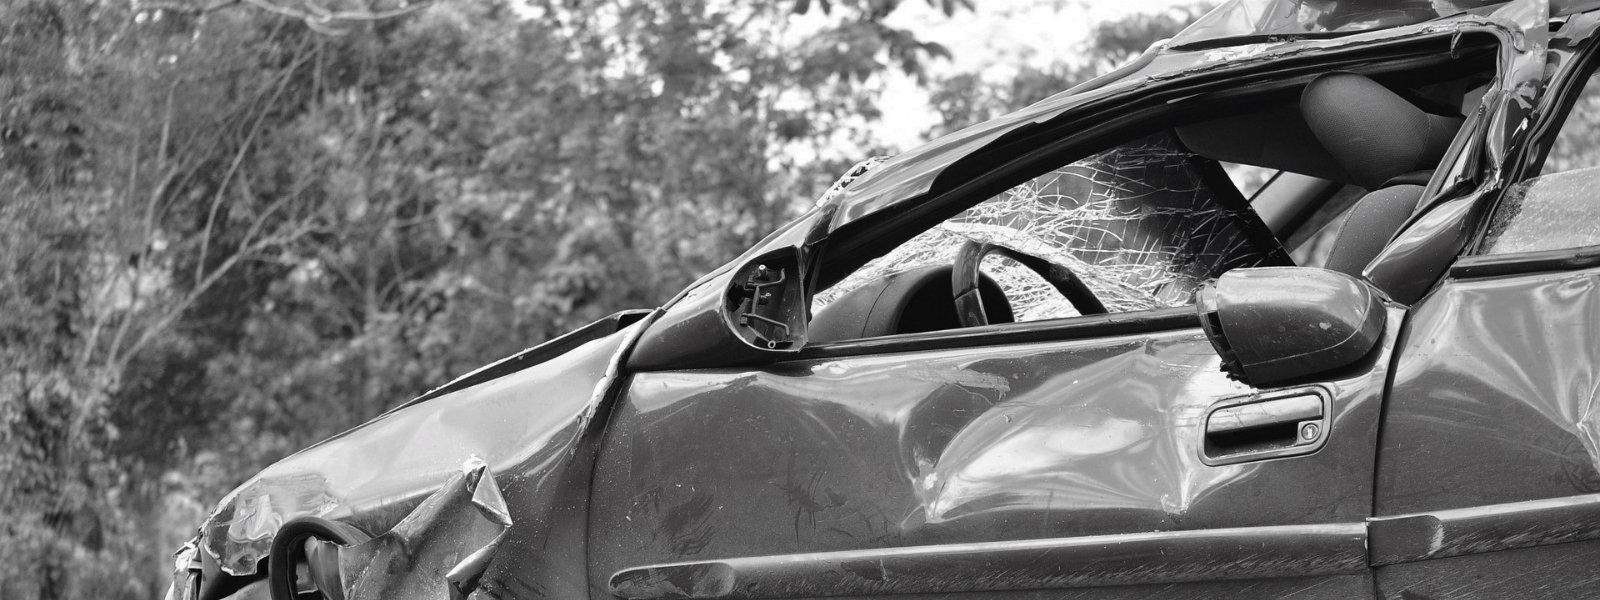 schadevergoeding verkeersongeval